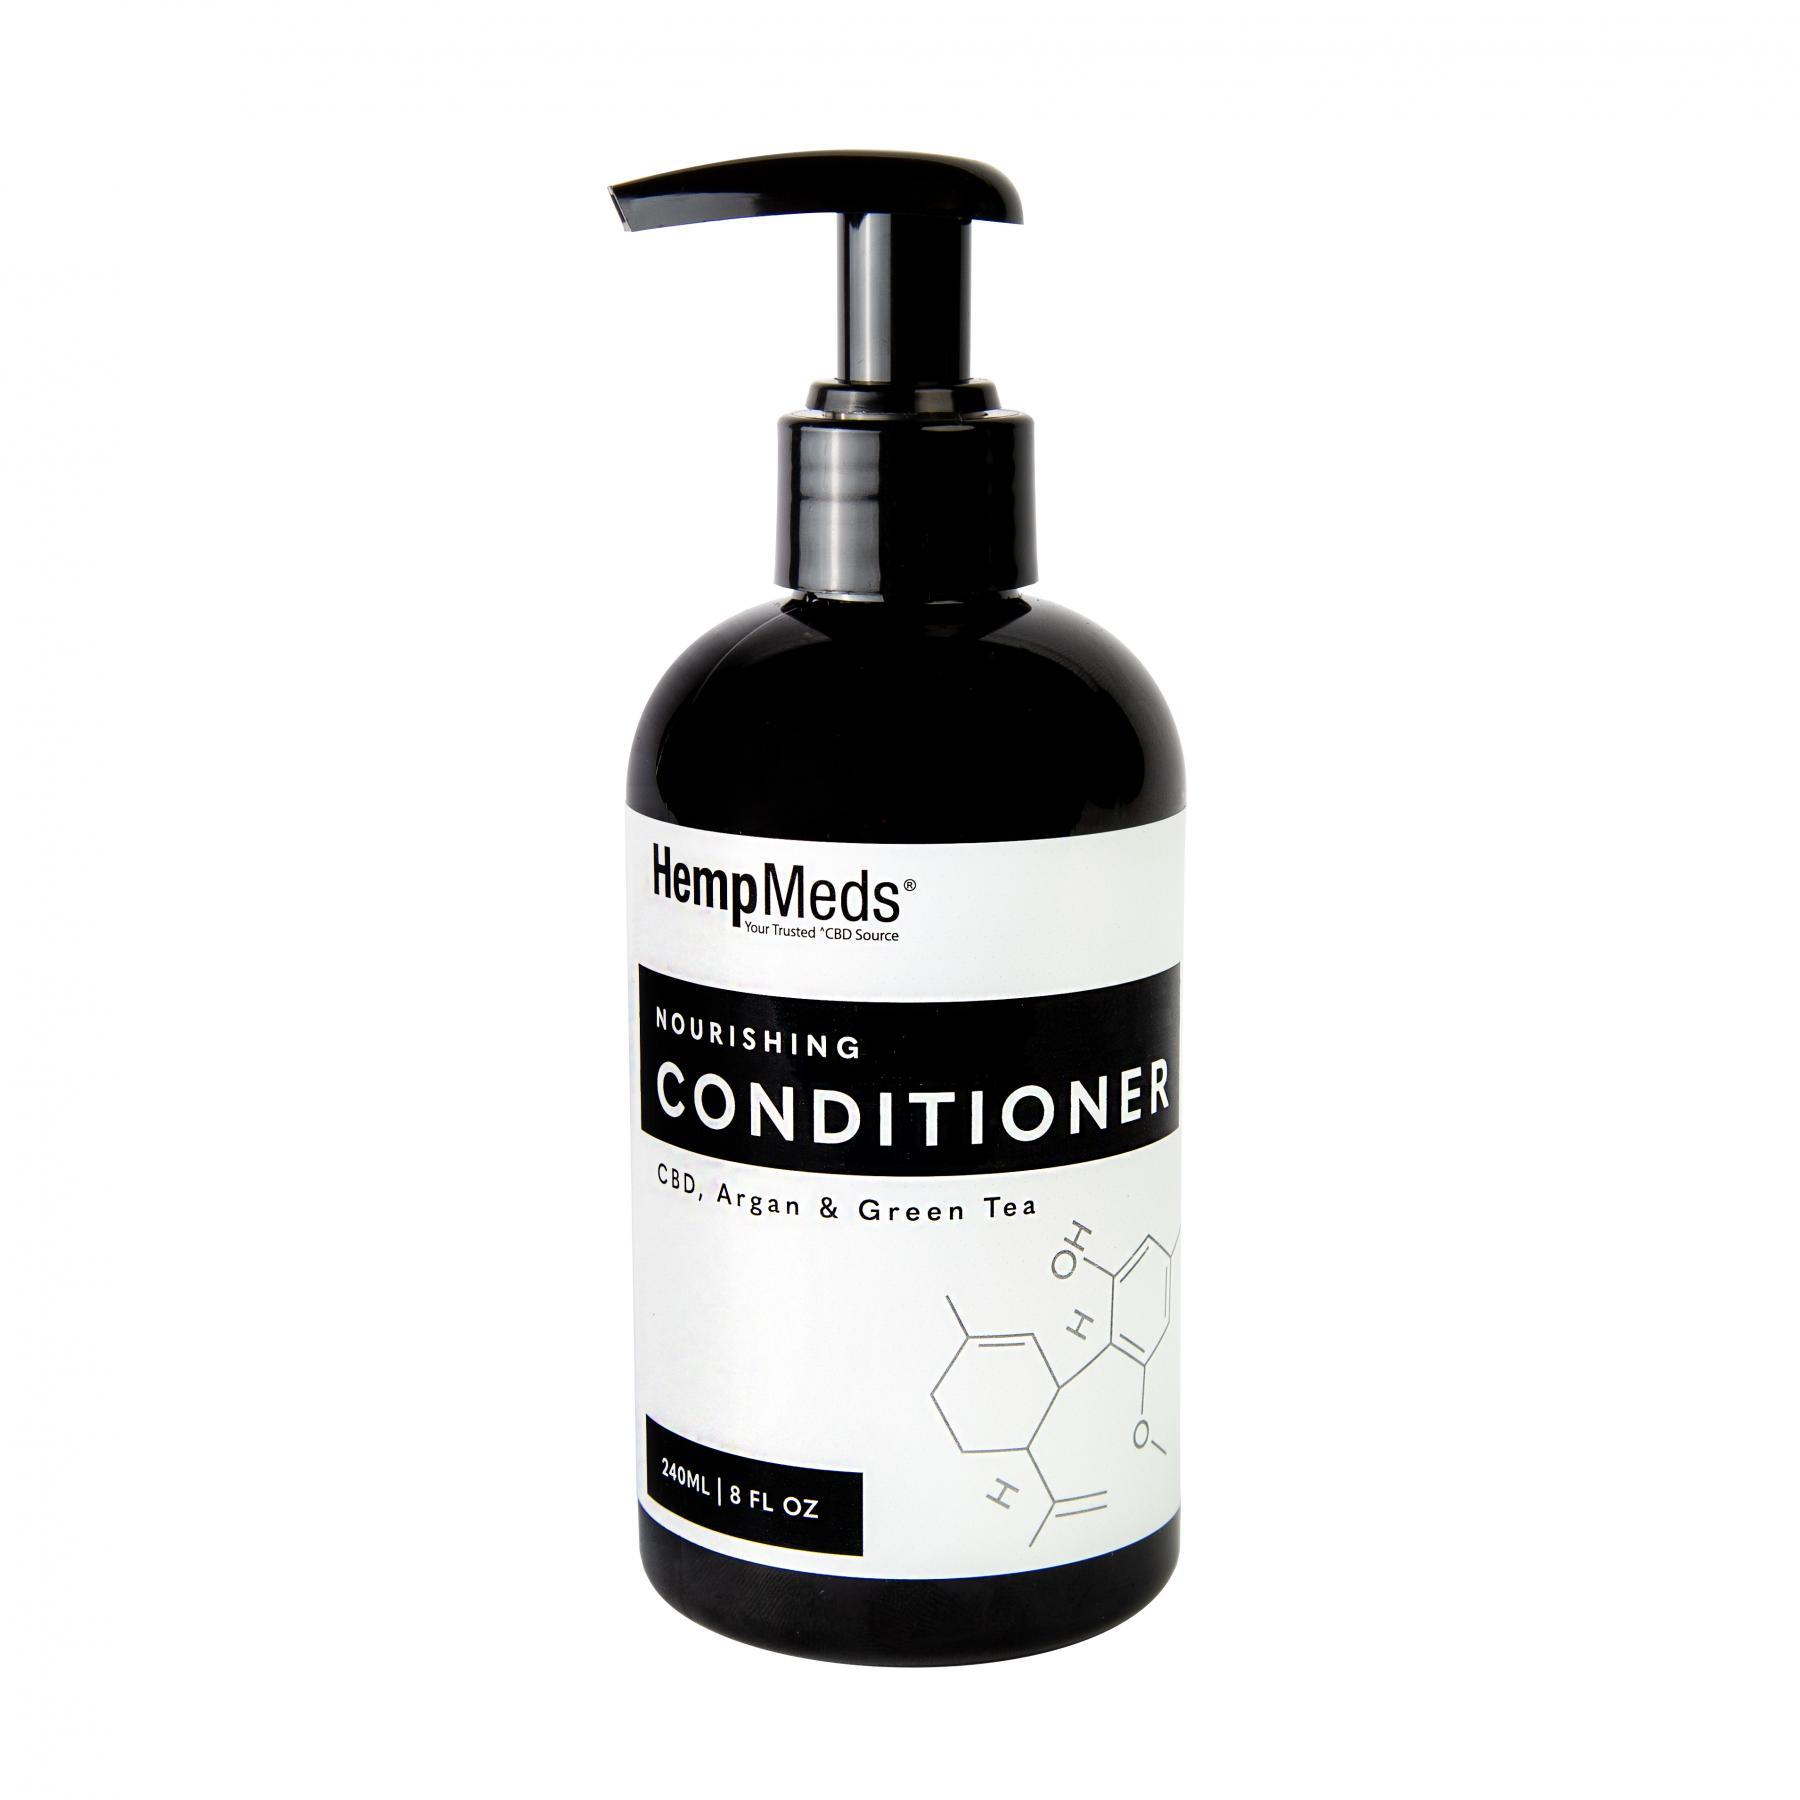 HempMeds® Nourishing Hemp Conditioner